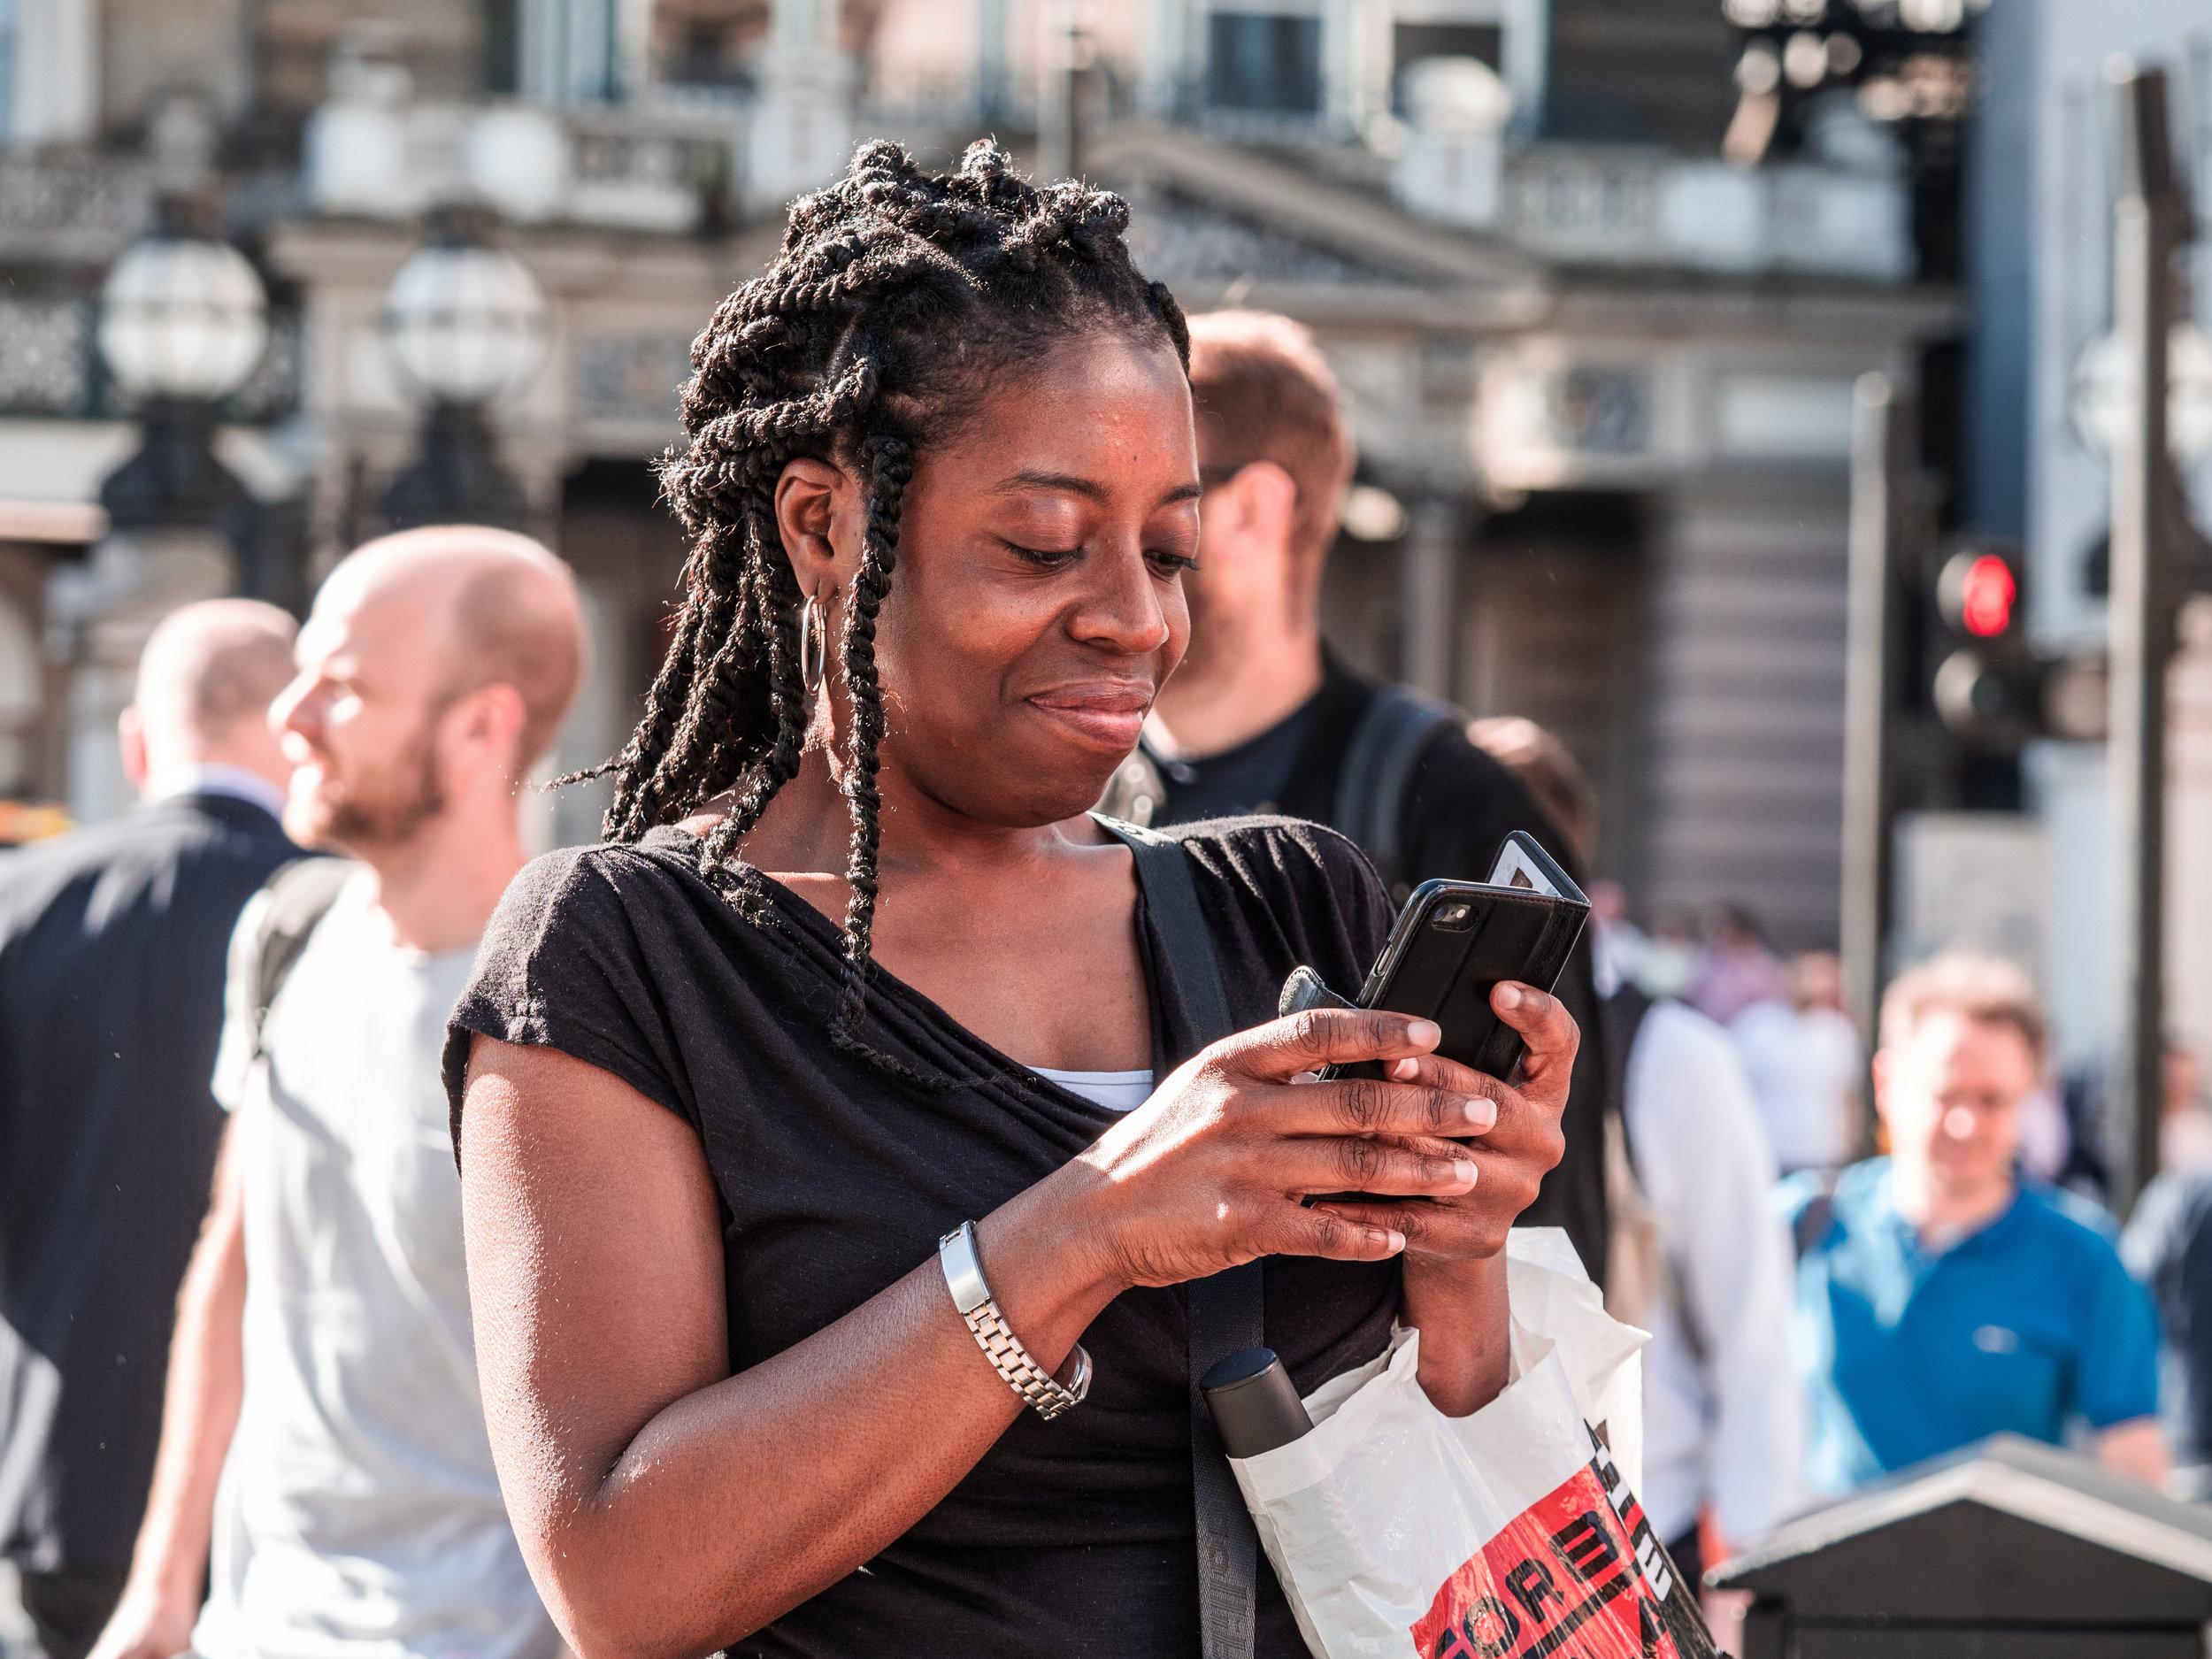 Femmes noires vs dating apps - Non vous n'êtes pas la seule à recevoir des messages misogynes et racistes sur les applis de rencontre et ce compte Instagram vous en donne la preuve